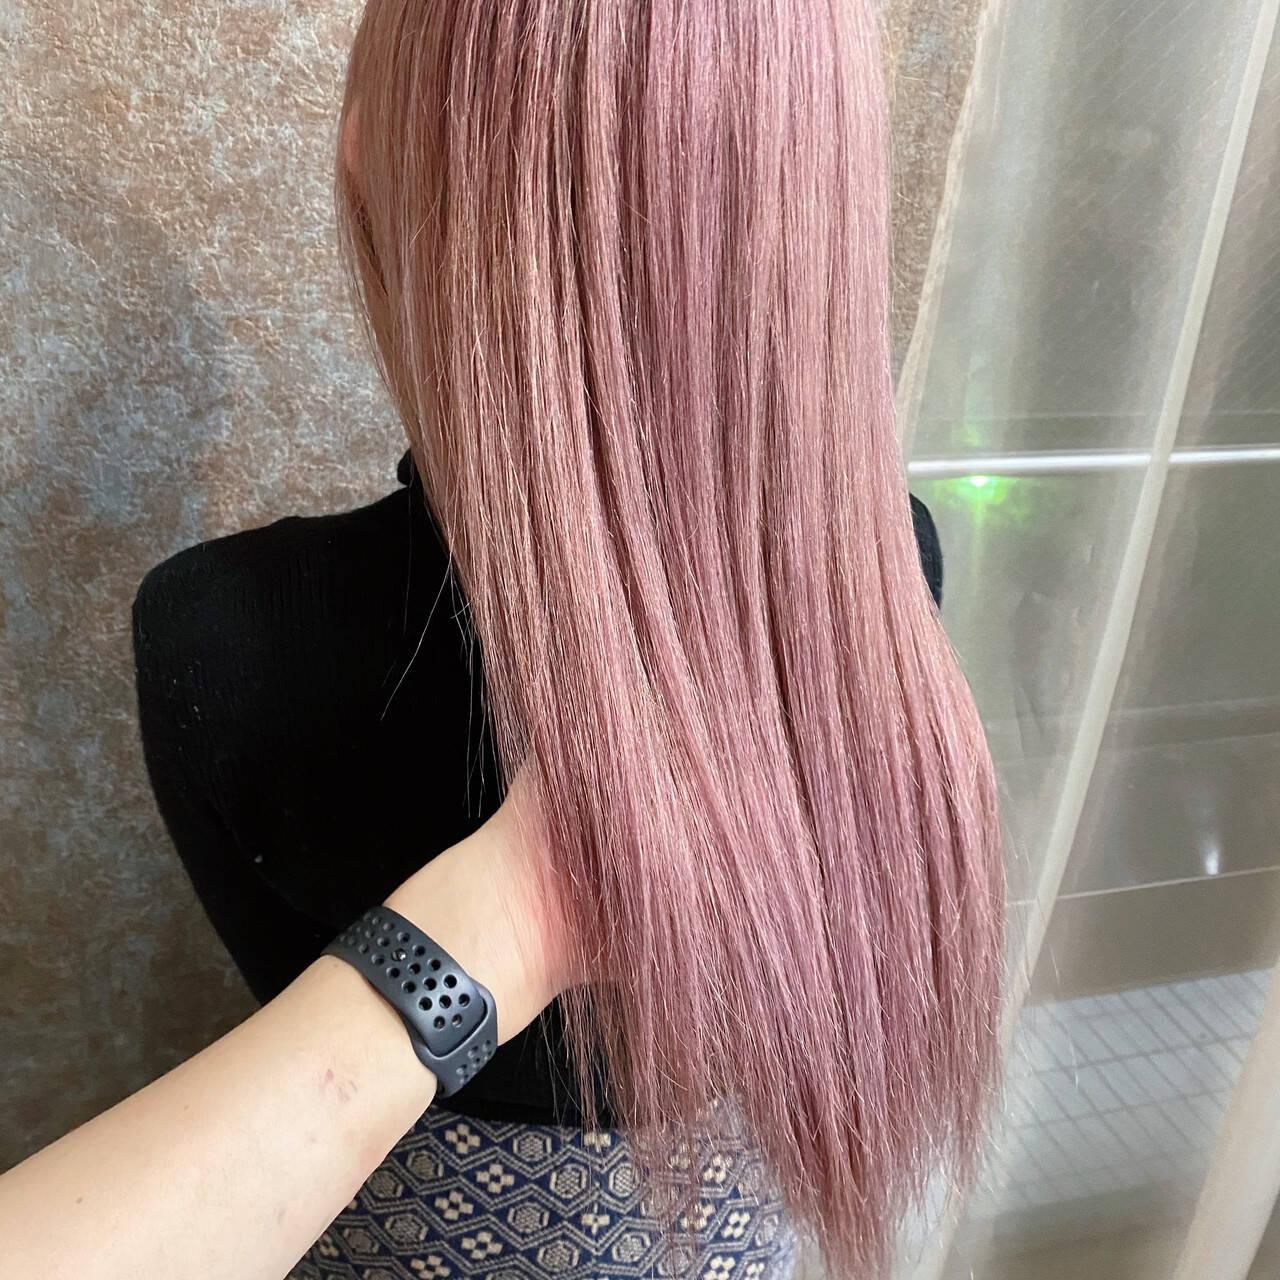 ダブルブリーチ ベリーピンク ブリーチカラー ピンクベージュヘアスタイルや髪型の写真・画像